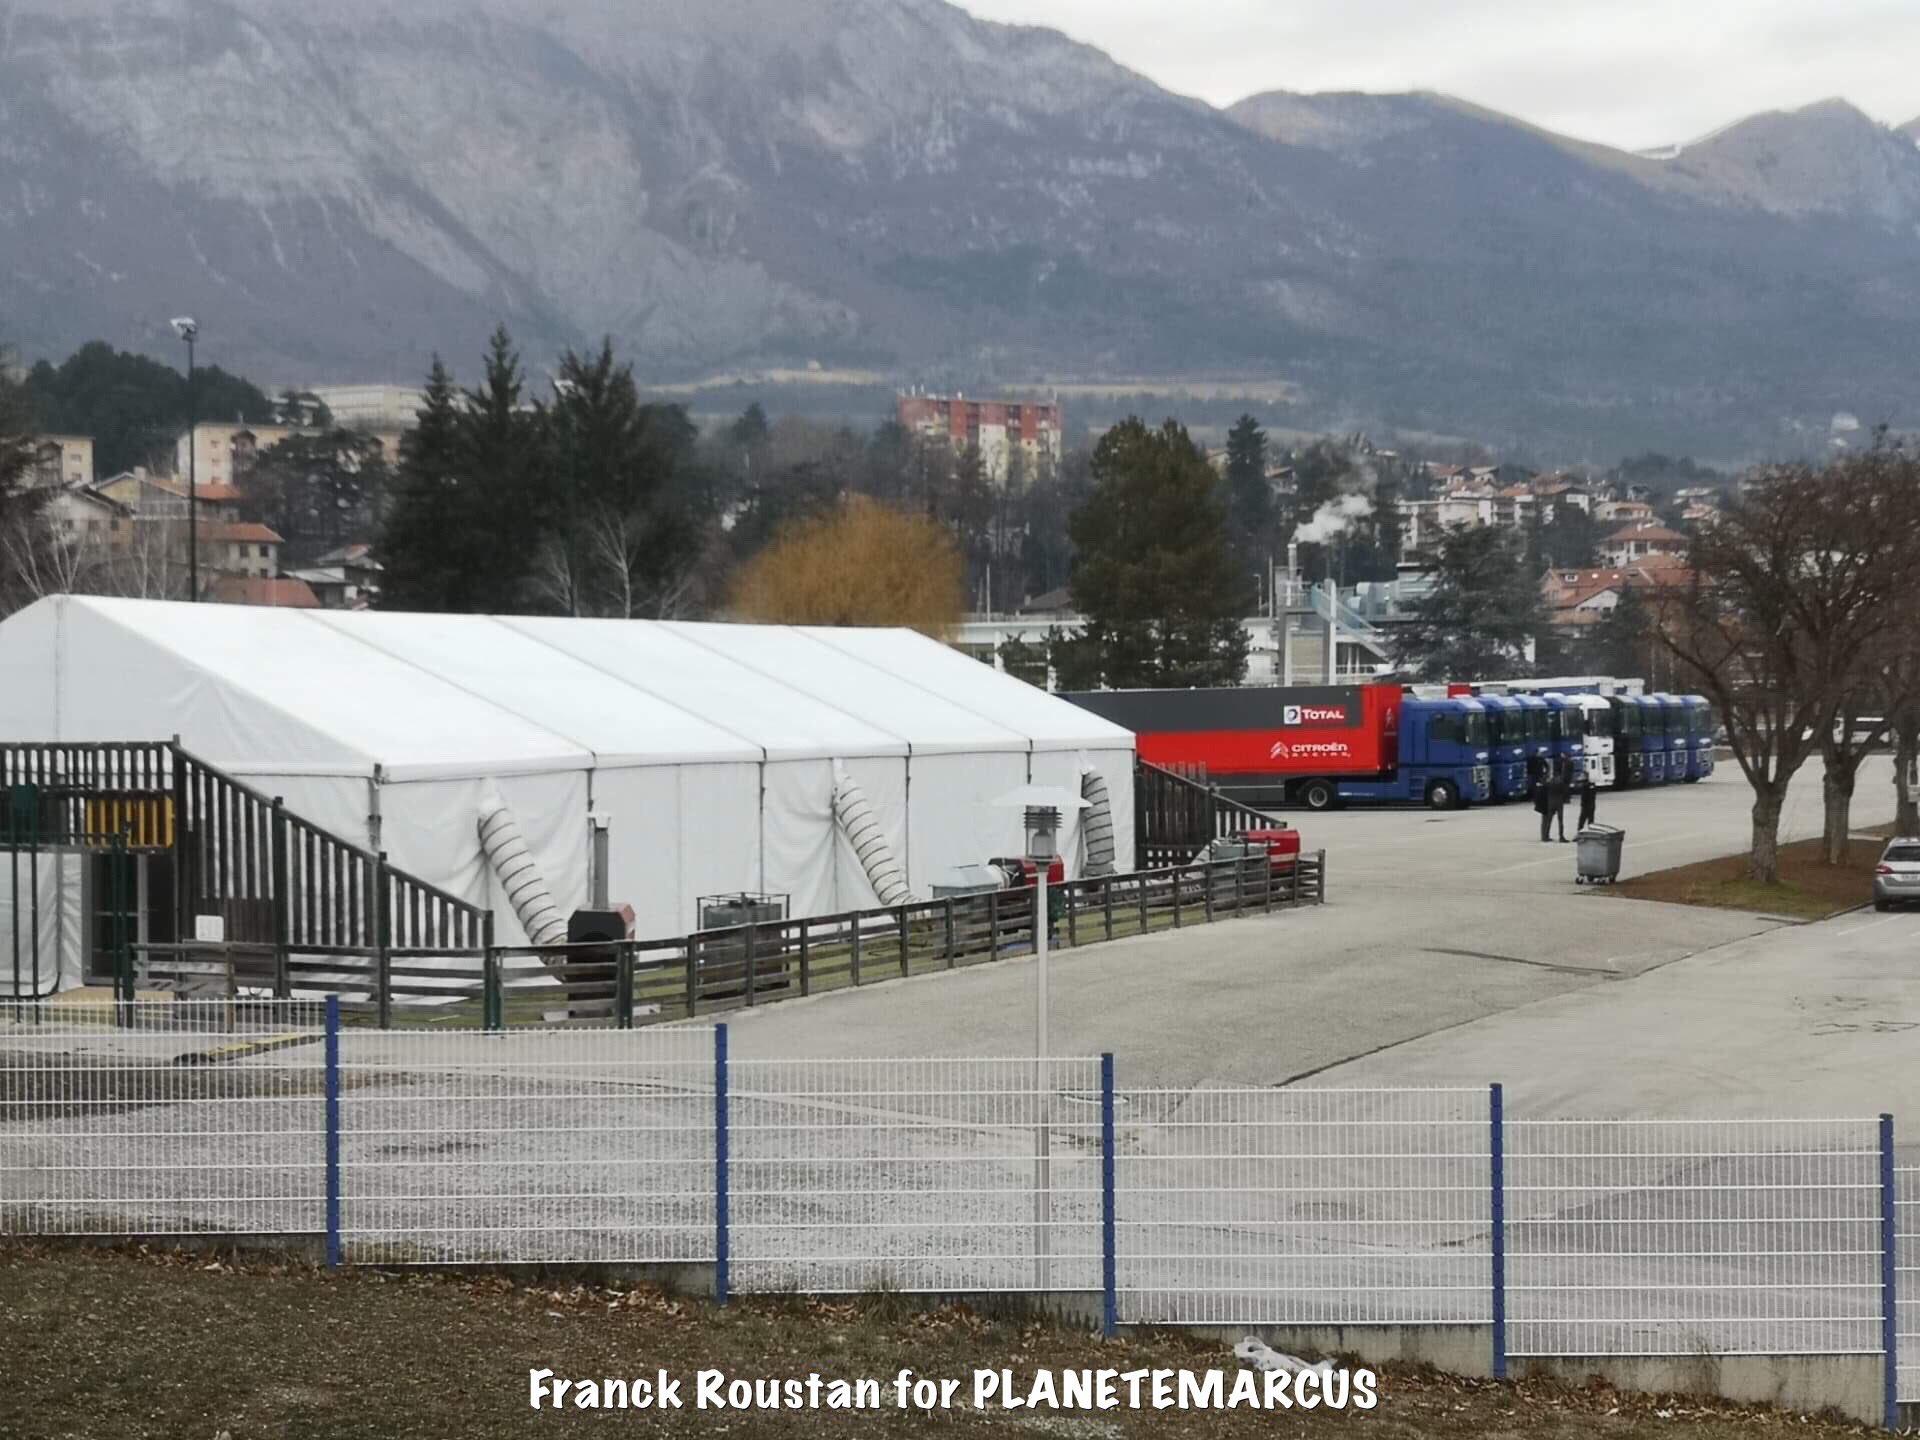 WRC: 87º Rallye Automobile de Monte-Carlo [22-27 de Enero] - Página 2 DxHvxS4WkAAg3hu